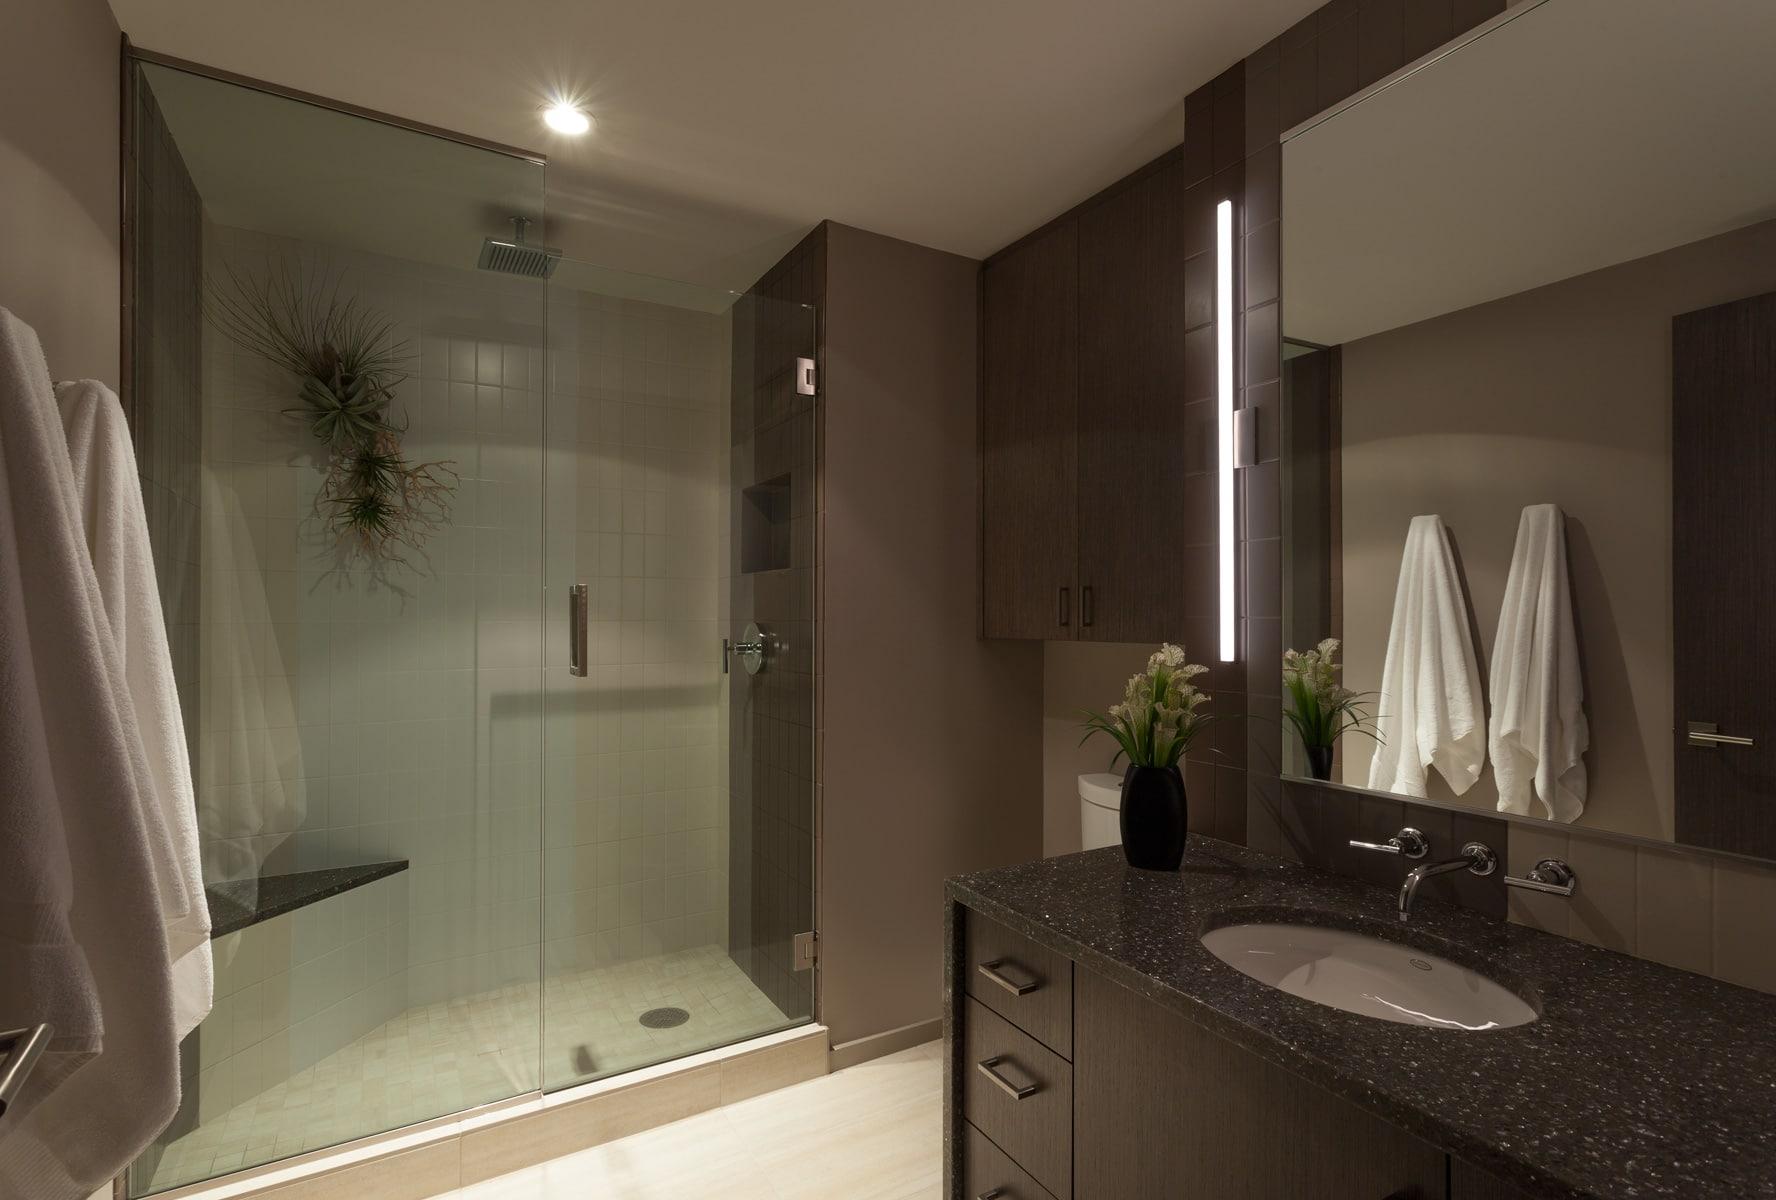 Exclusive-Luxury-Condominium-Bath-Minneapolis-interior-designer.jpg